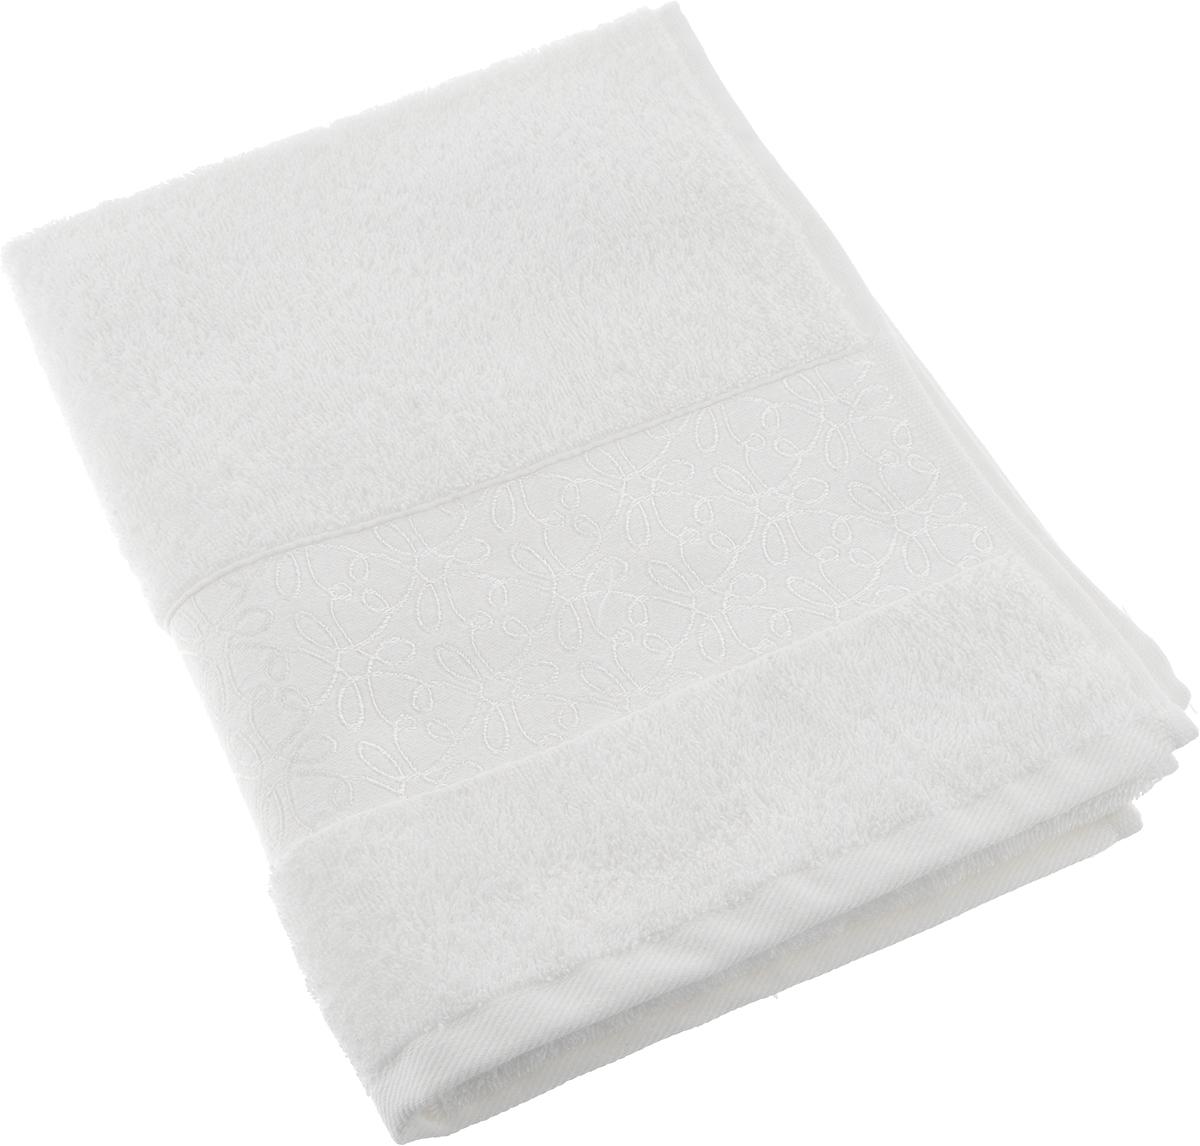 Полотенце махровое Issimo Home Perin, цвет: белый, 50 х 90 см00000005496Прекрасное полотенце Issimo Home Perin выполнено из натуральной махровой ткани (100% хлопок). Изделие отлично впитывает влагу, быстро сохнет и не теряет форму даже после многократных стирок.Рекомендации по уходу:- режим стирки при 40°C,- допускается обычная химчистка,- отбеливание запрещено,- глажка при температуре подошвы утюга до 110°С,- барабанный отжим запрещен.Размер полотенца: 50 x 90 см.